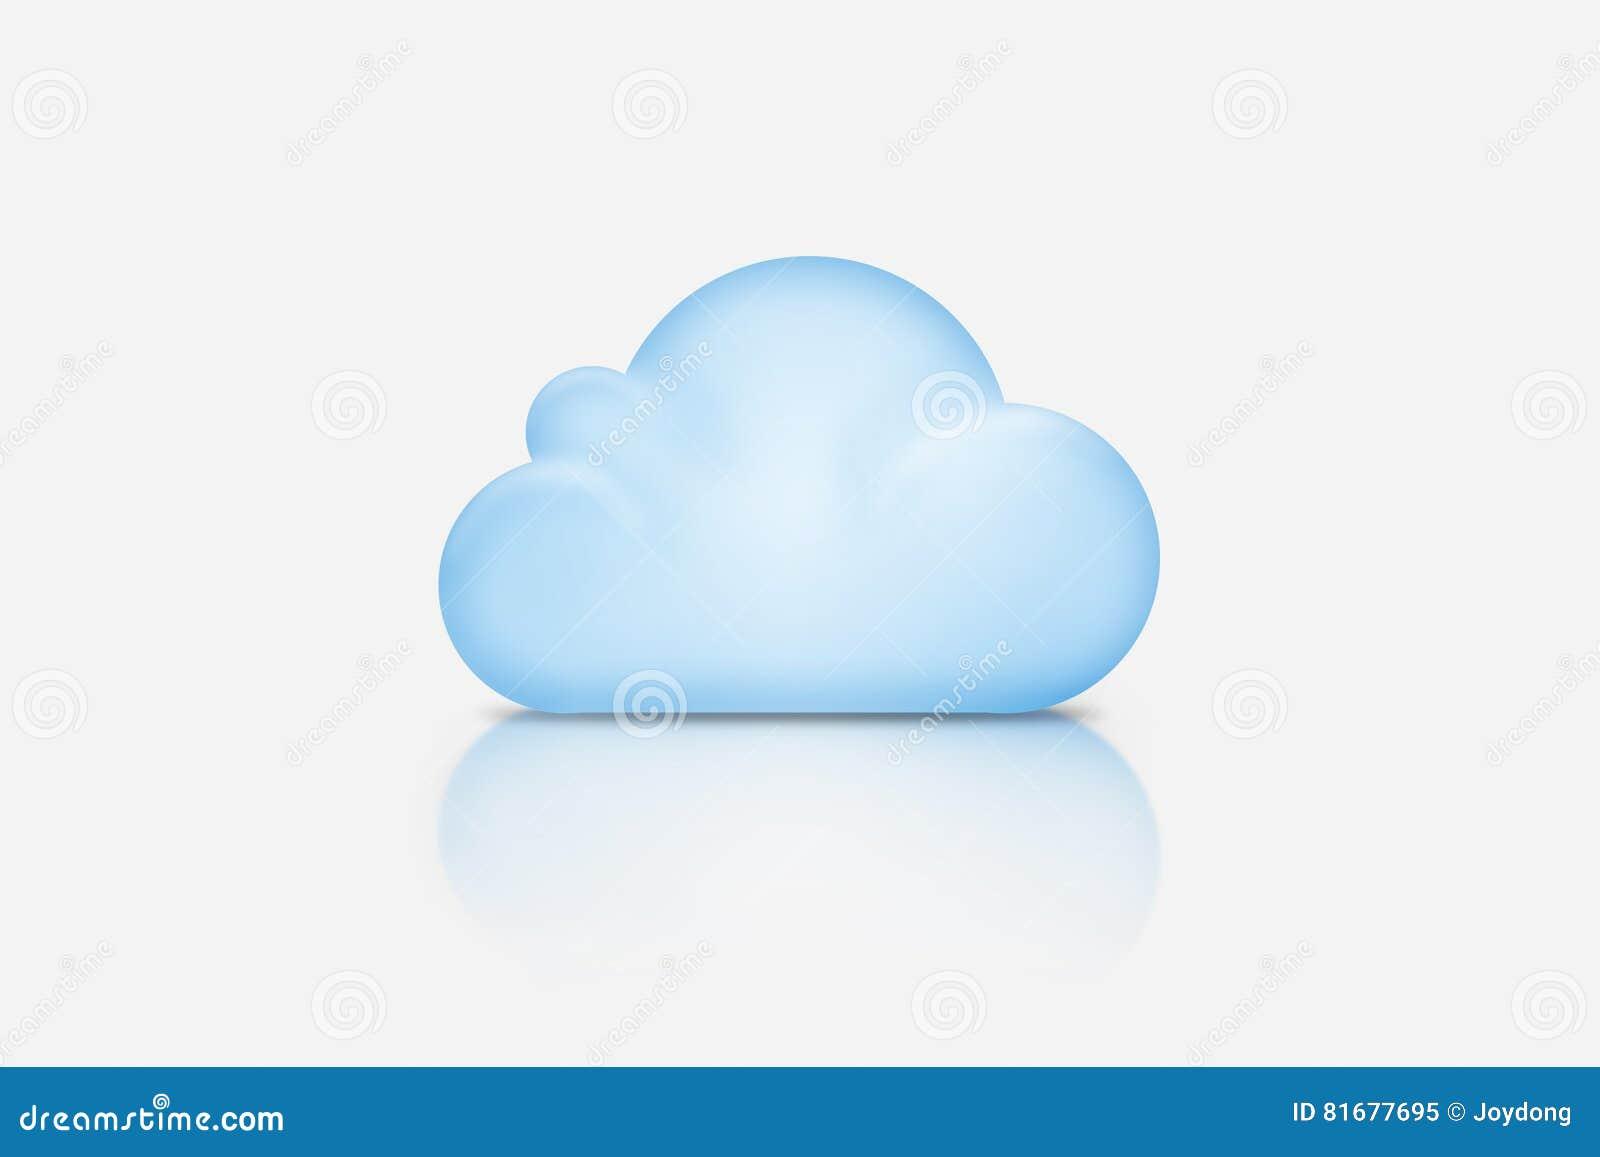 Fondo integrado por la nube azul sobre gris